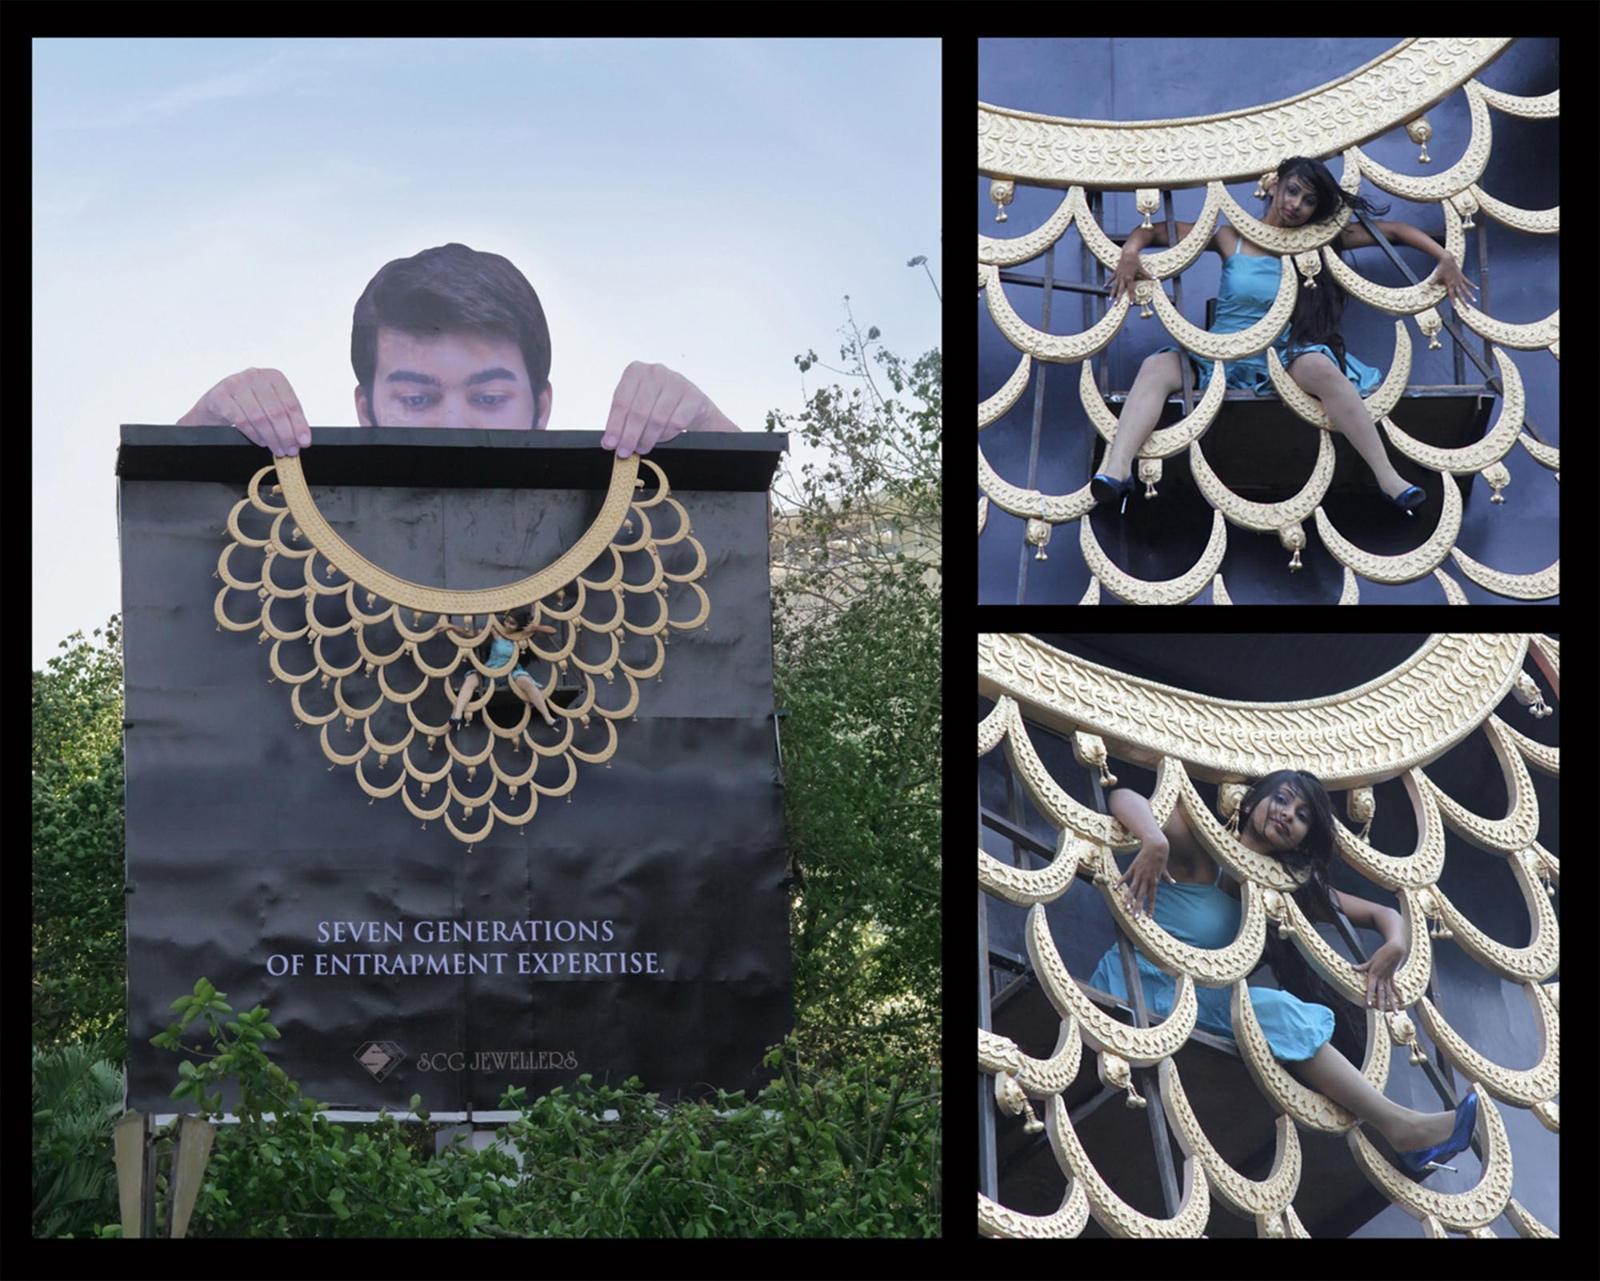 Scg Jewellers Outdoor Ad -  Entrapment